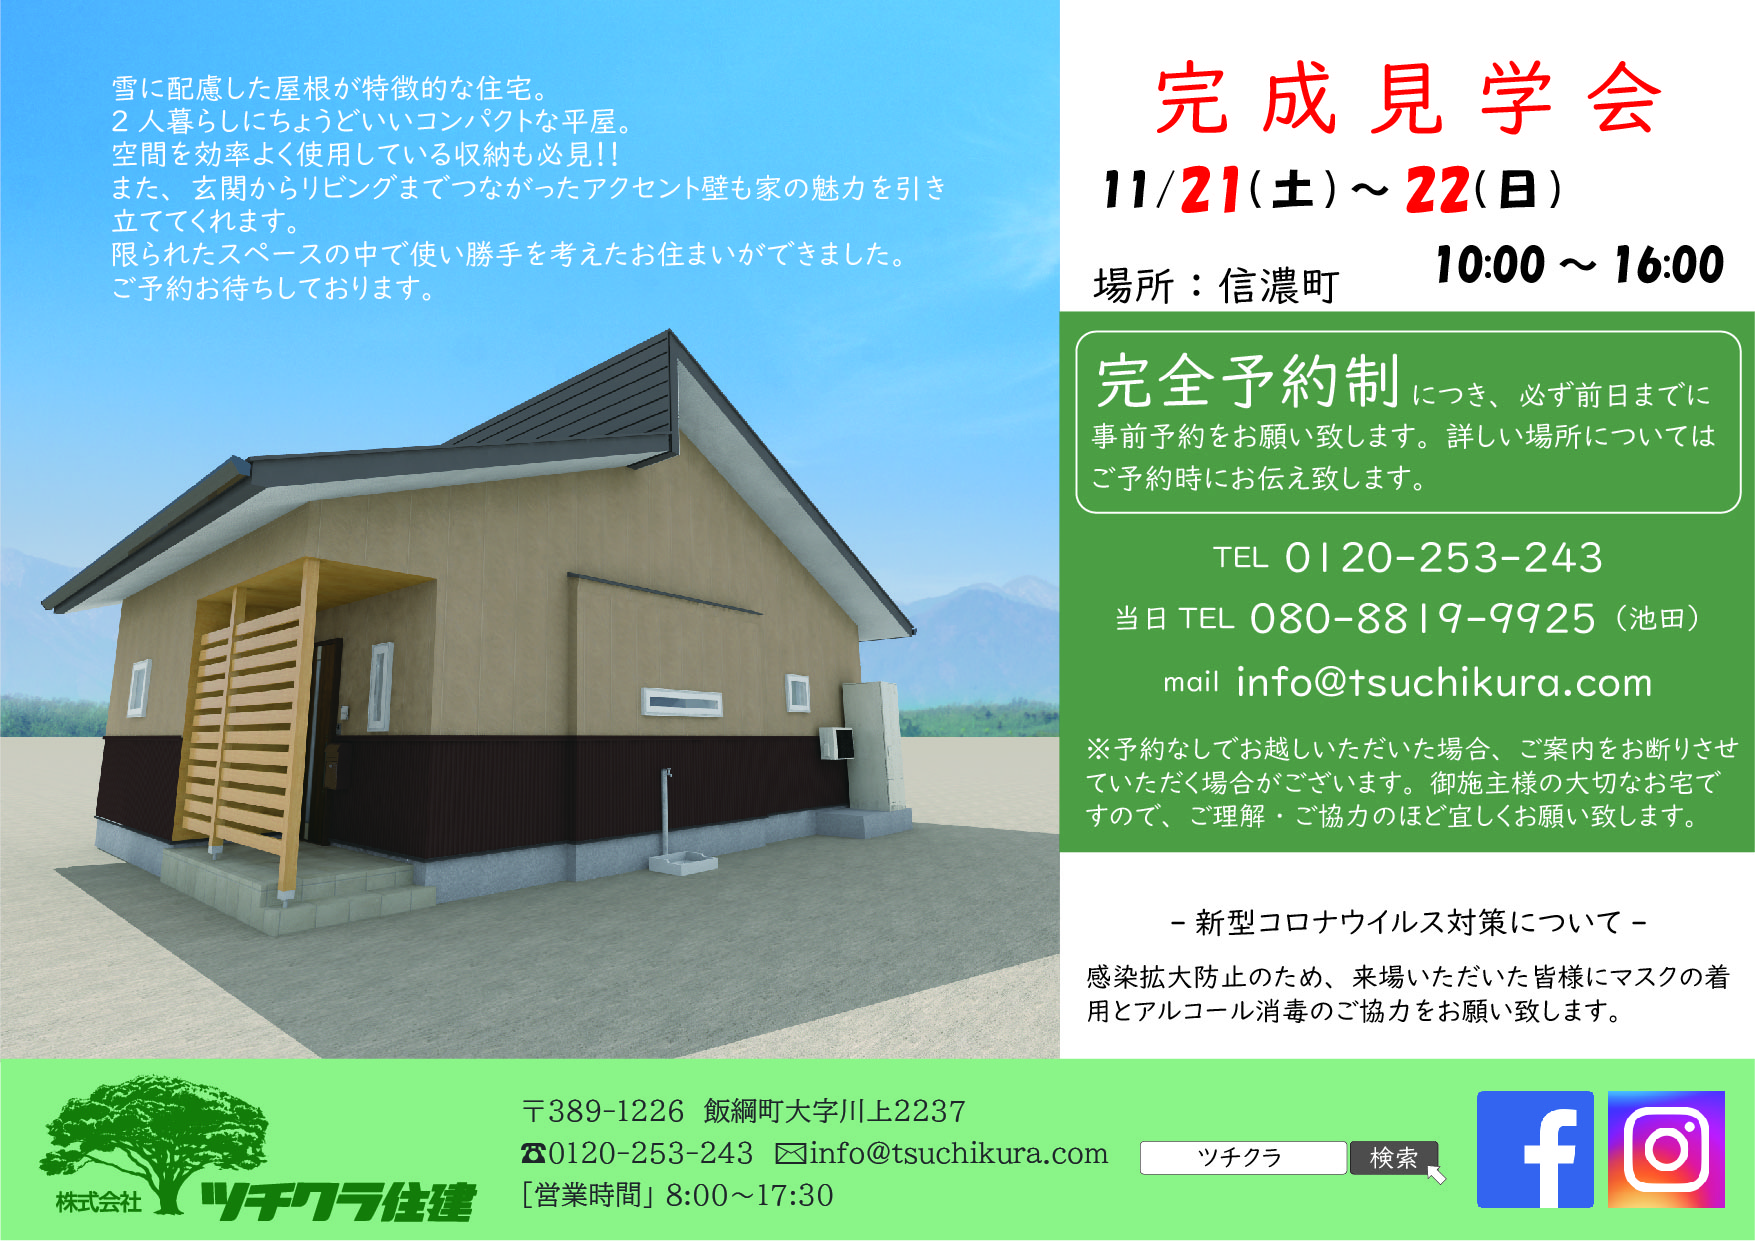 【22日は中止となりました】完成見学会 in 信濃町